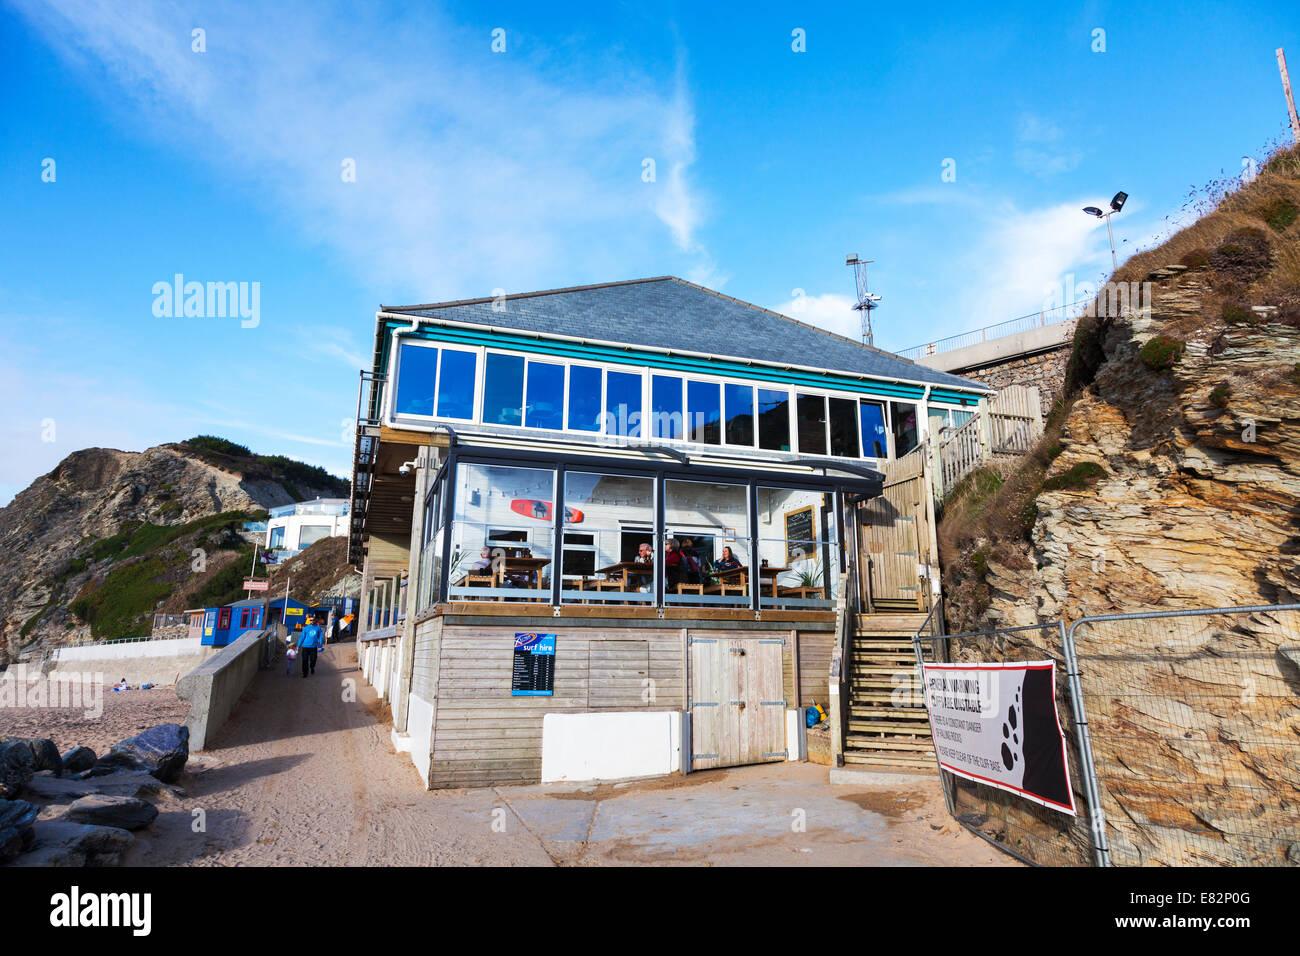 Le restaurant de Jamie Oliver 15 extérieur de l'immeuble Watergate Bay beach front ouest Cornouailles Cornwall Photo Stock